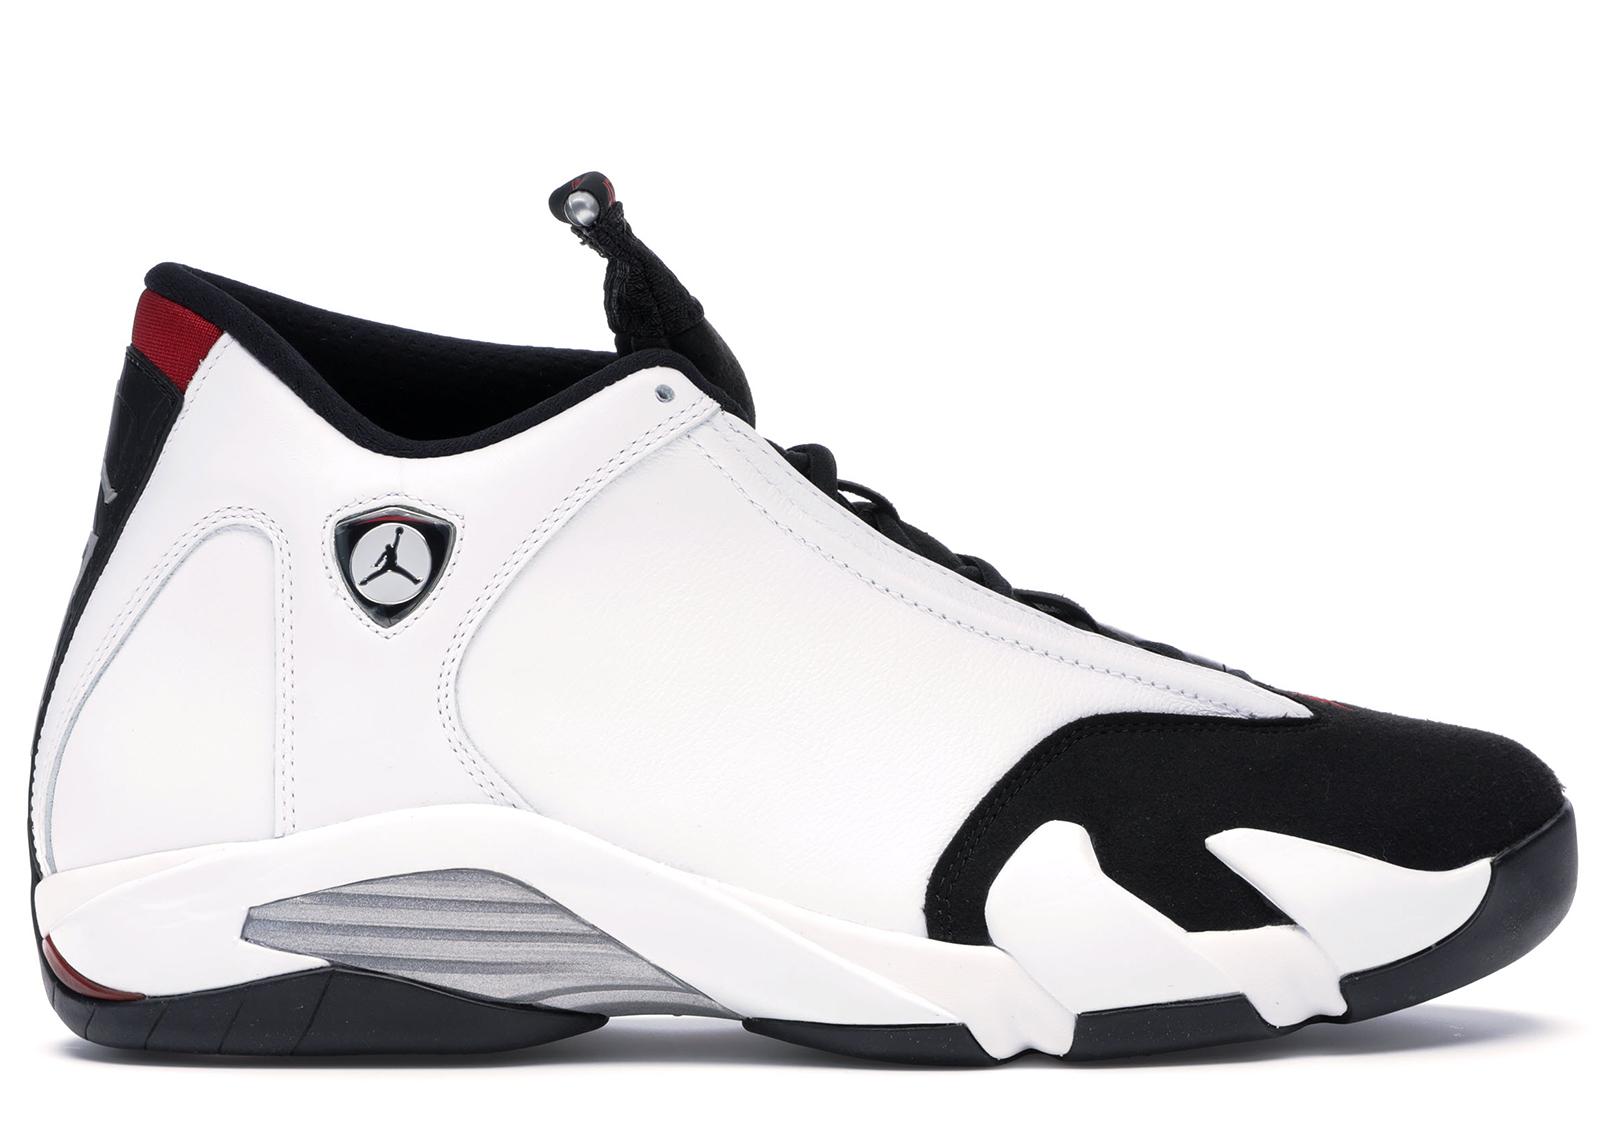 Jordan 14 Retro Black Toe (2014)